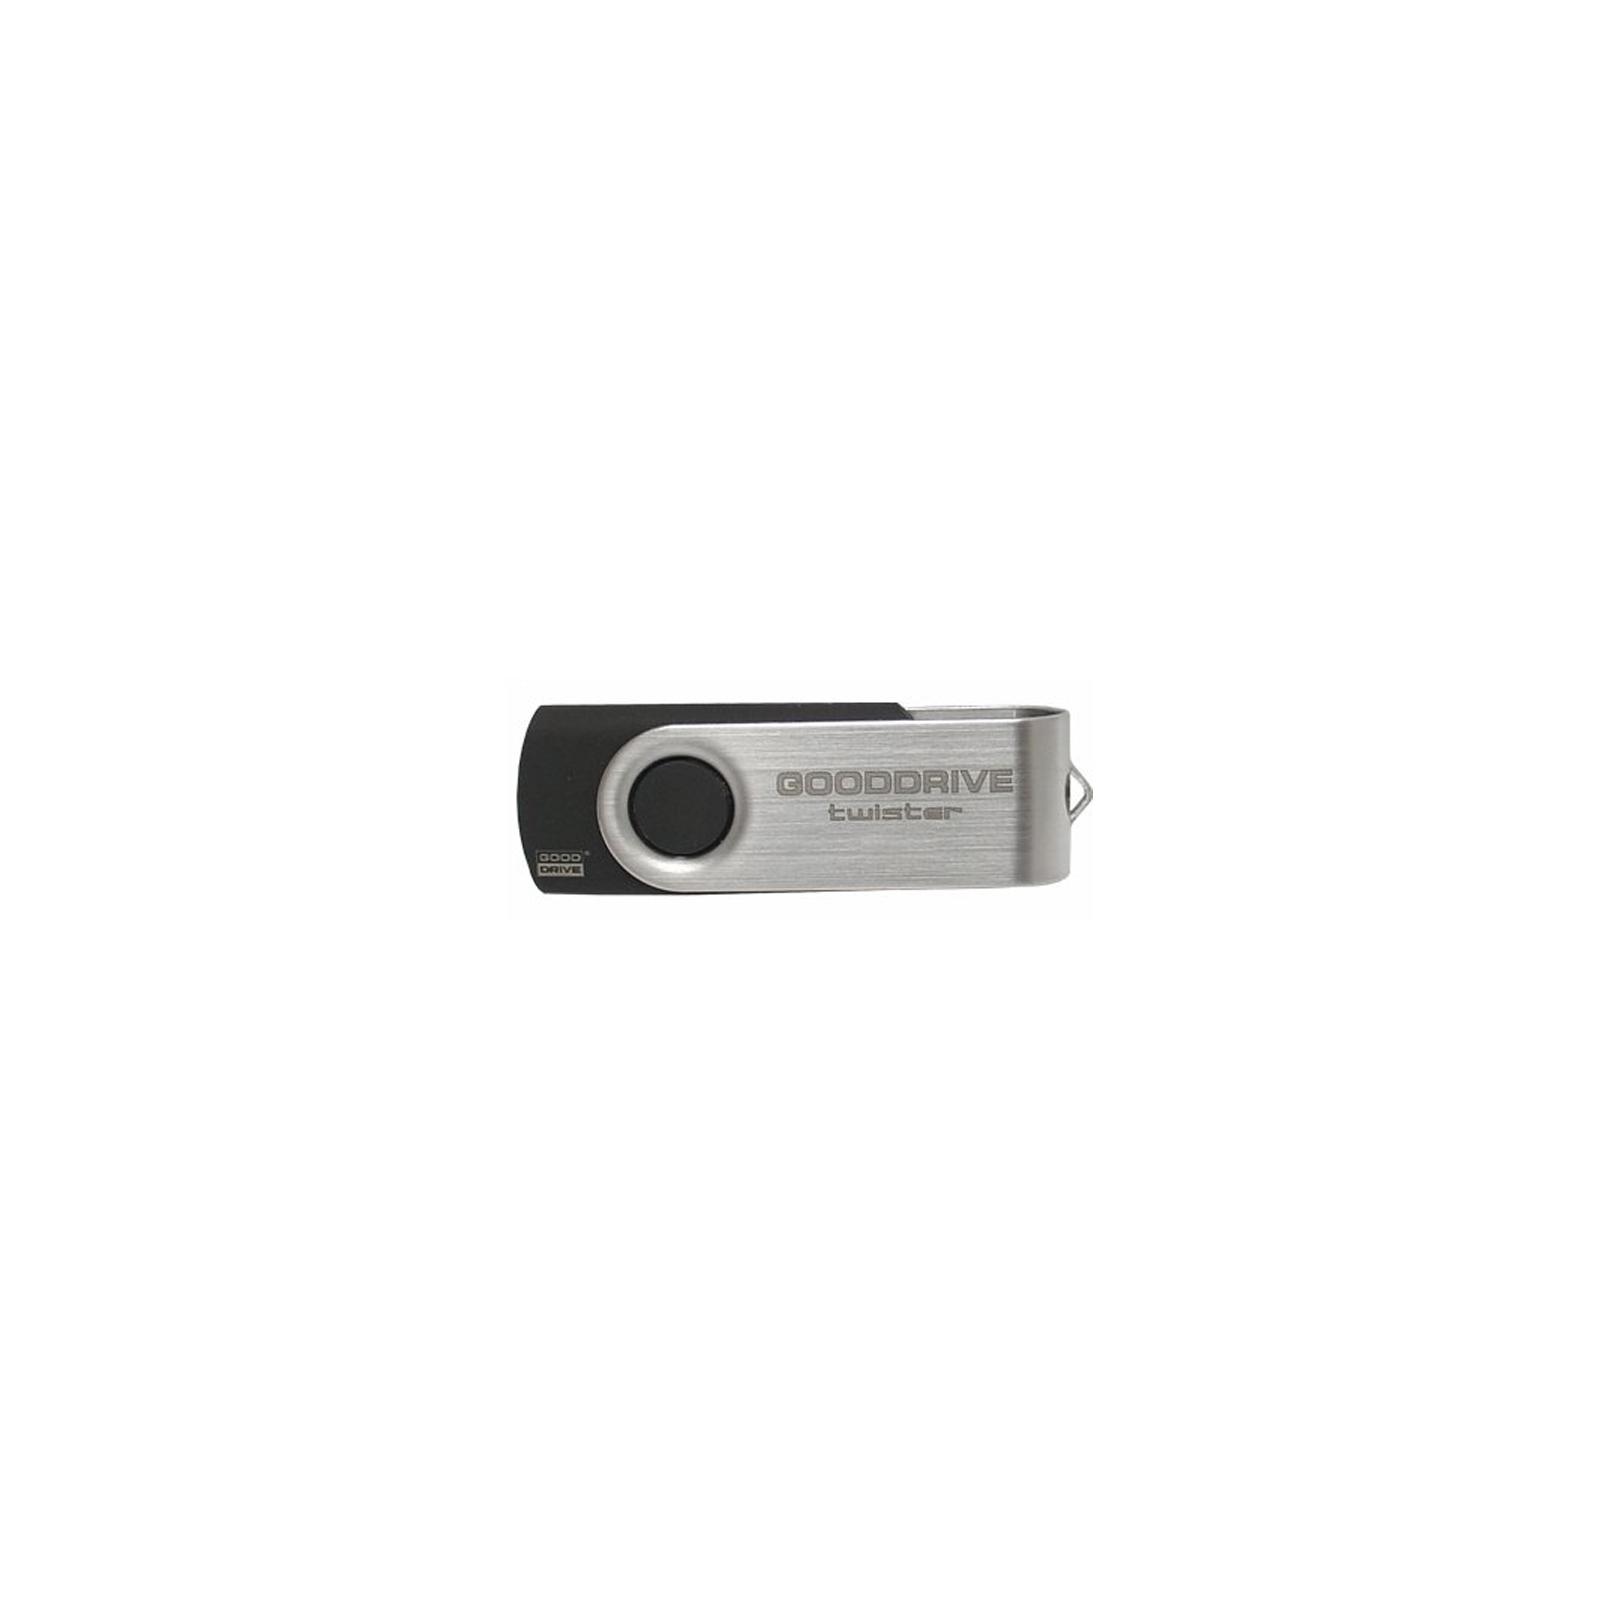 USB флеш накопитель Goodram 64GB Twister Black USB 2.0 (UTS2-0640K0R11)